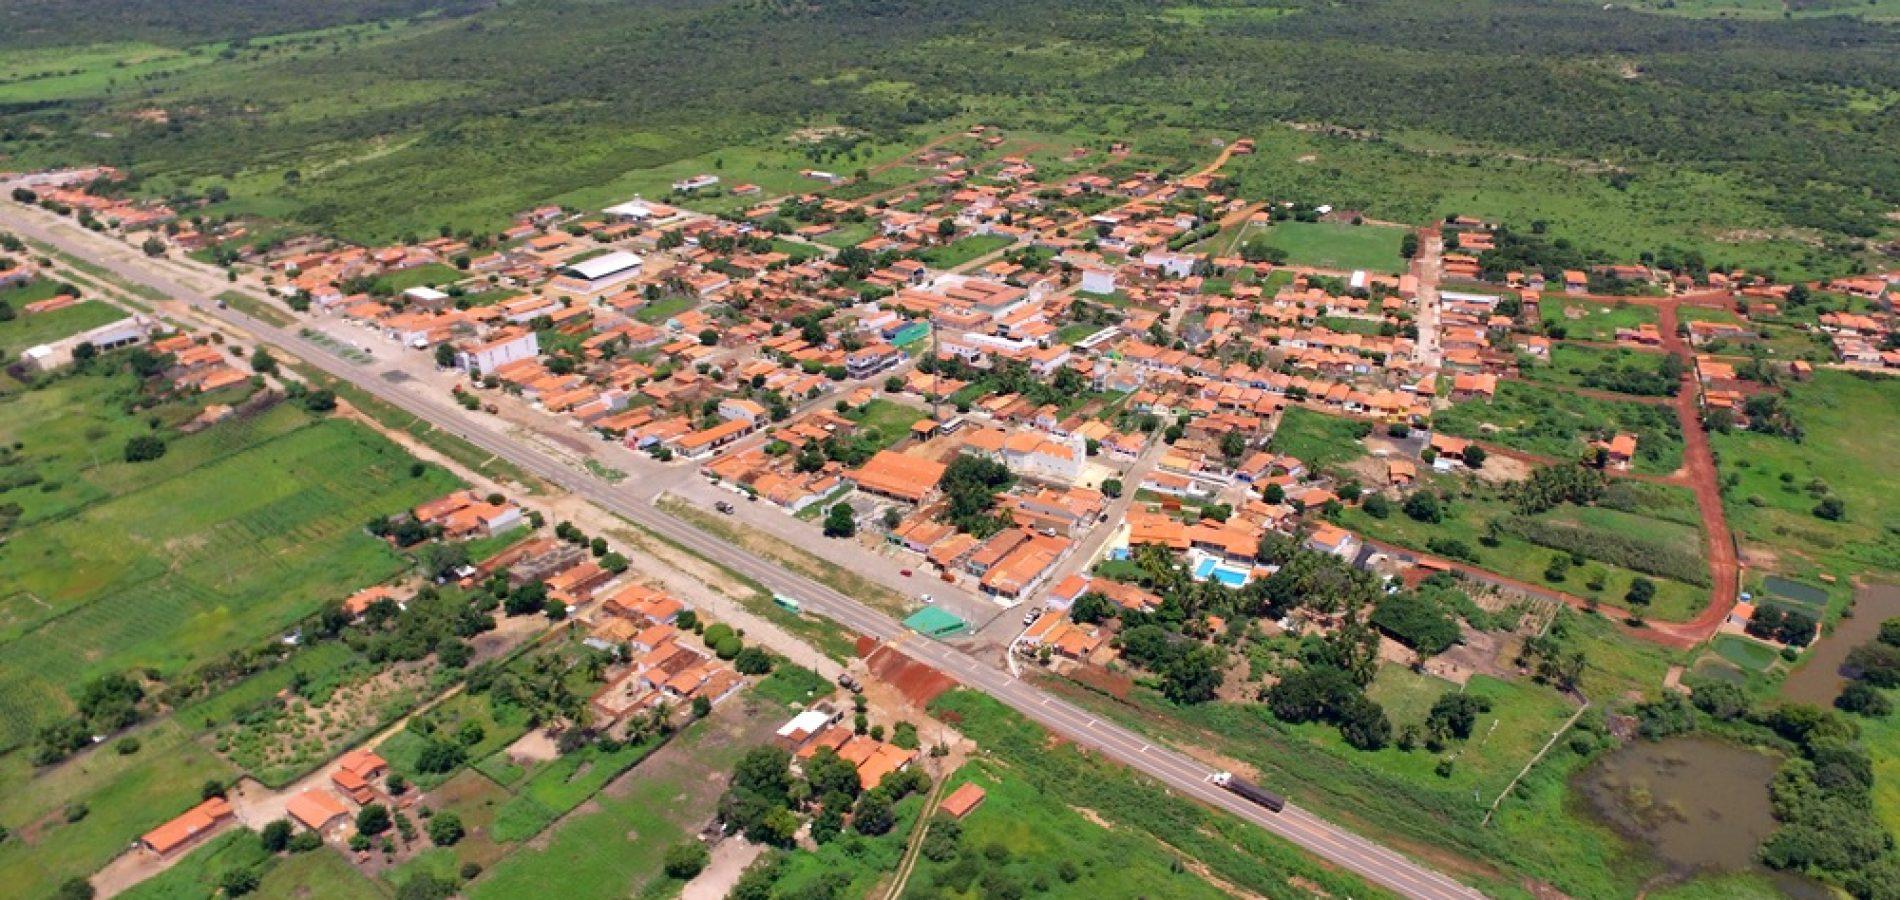 Geminiano Piauí fonte: cidadesnanet.com